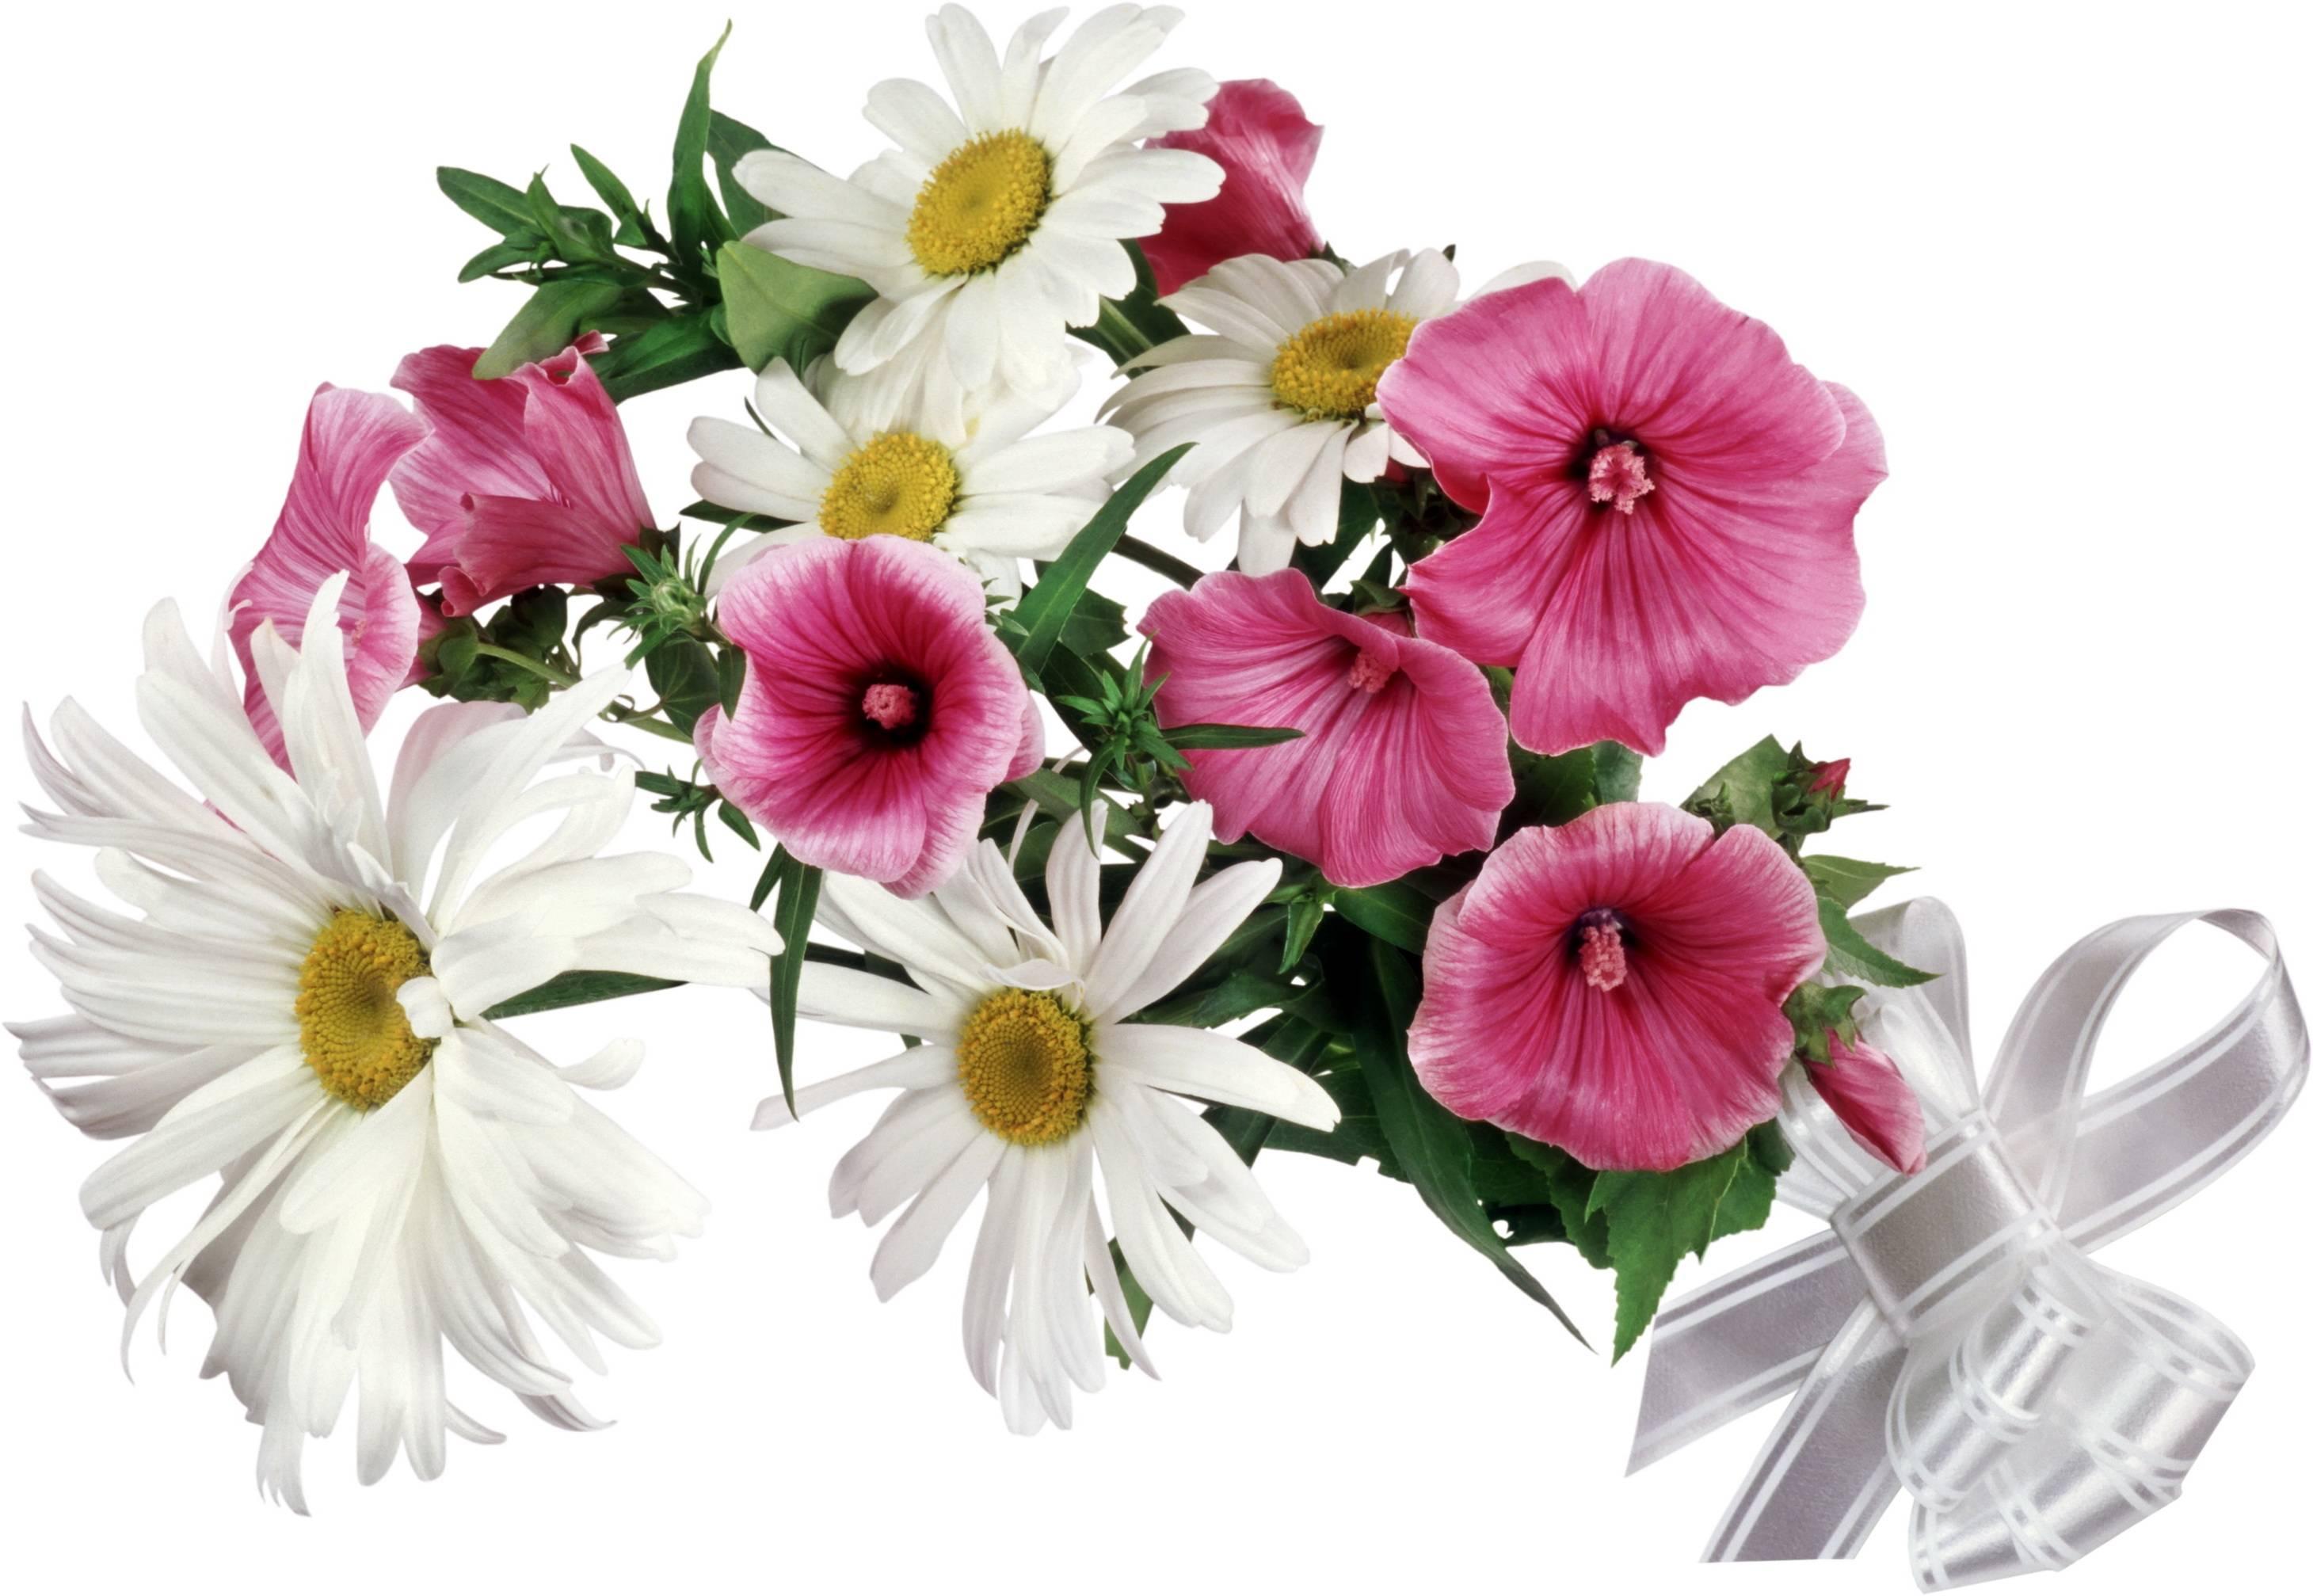 Картинки цветы красивые букеты на белом фоне